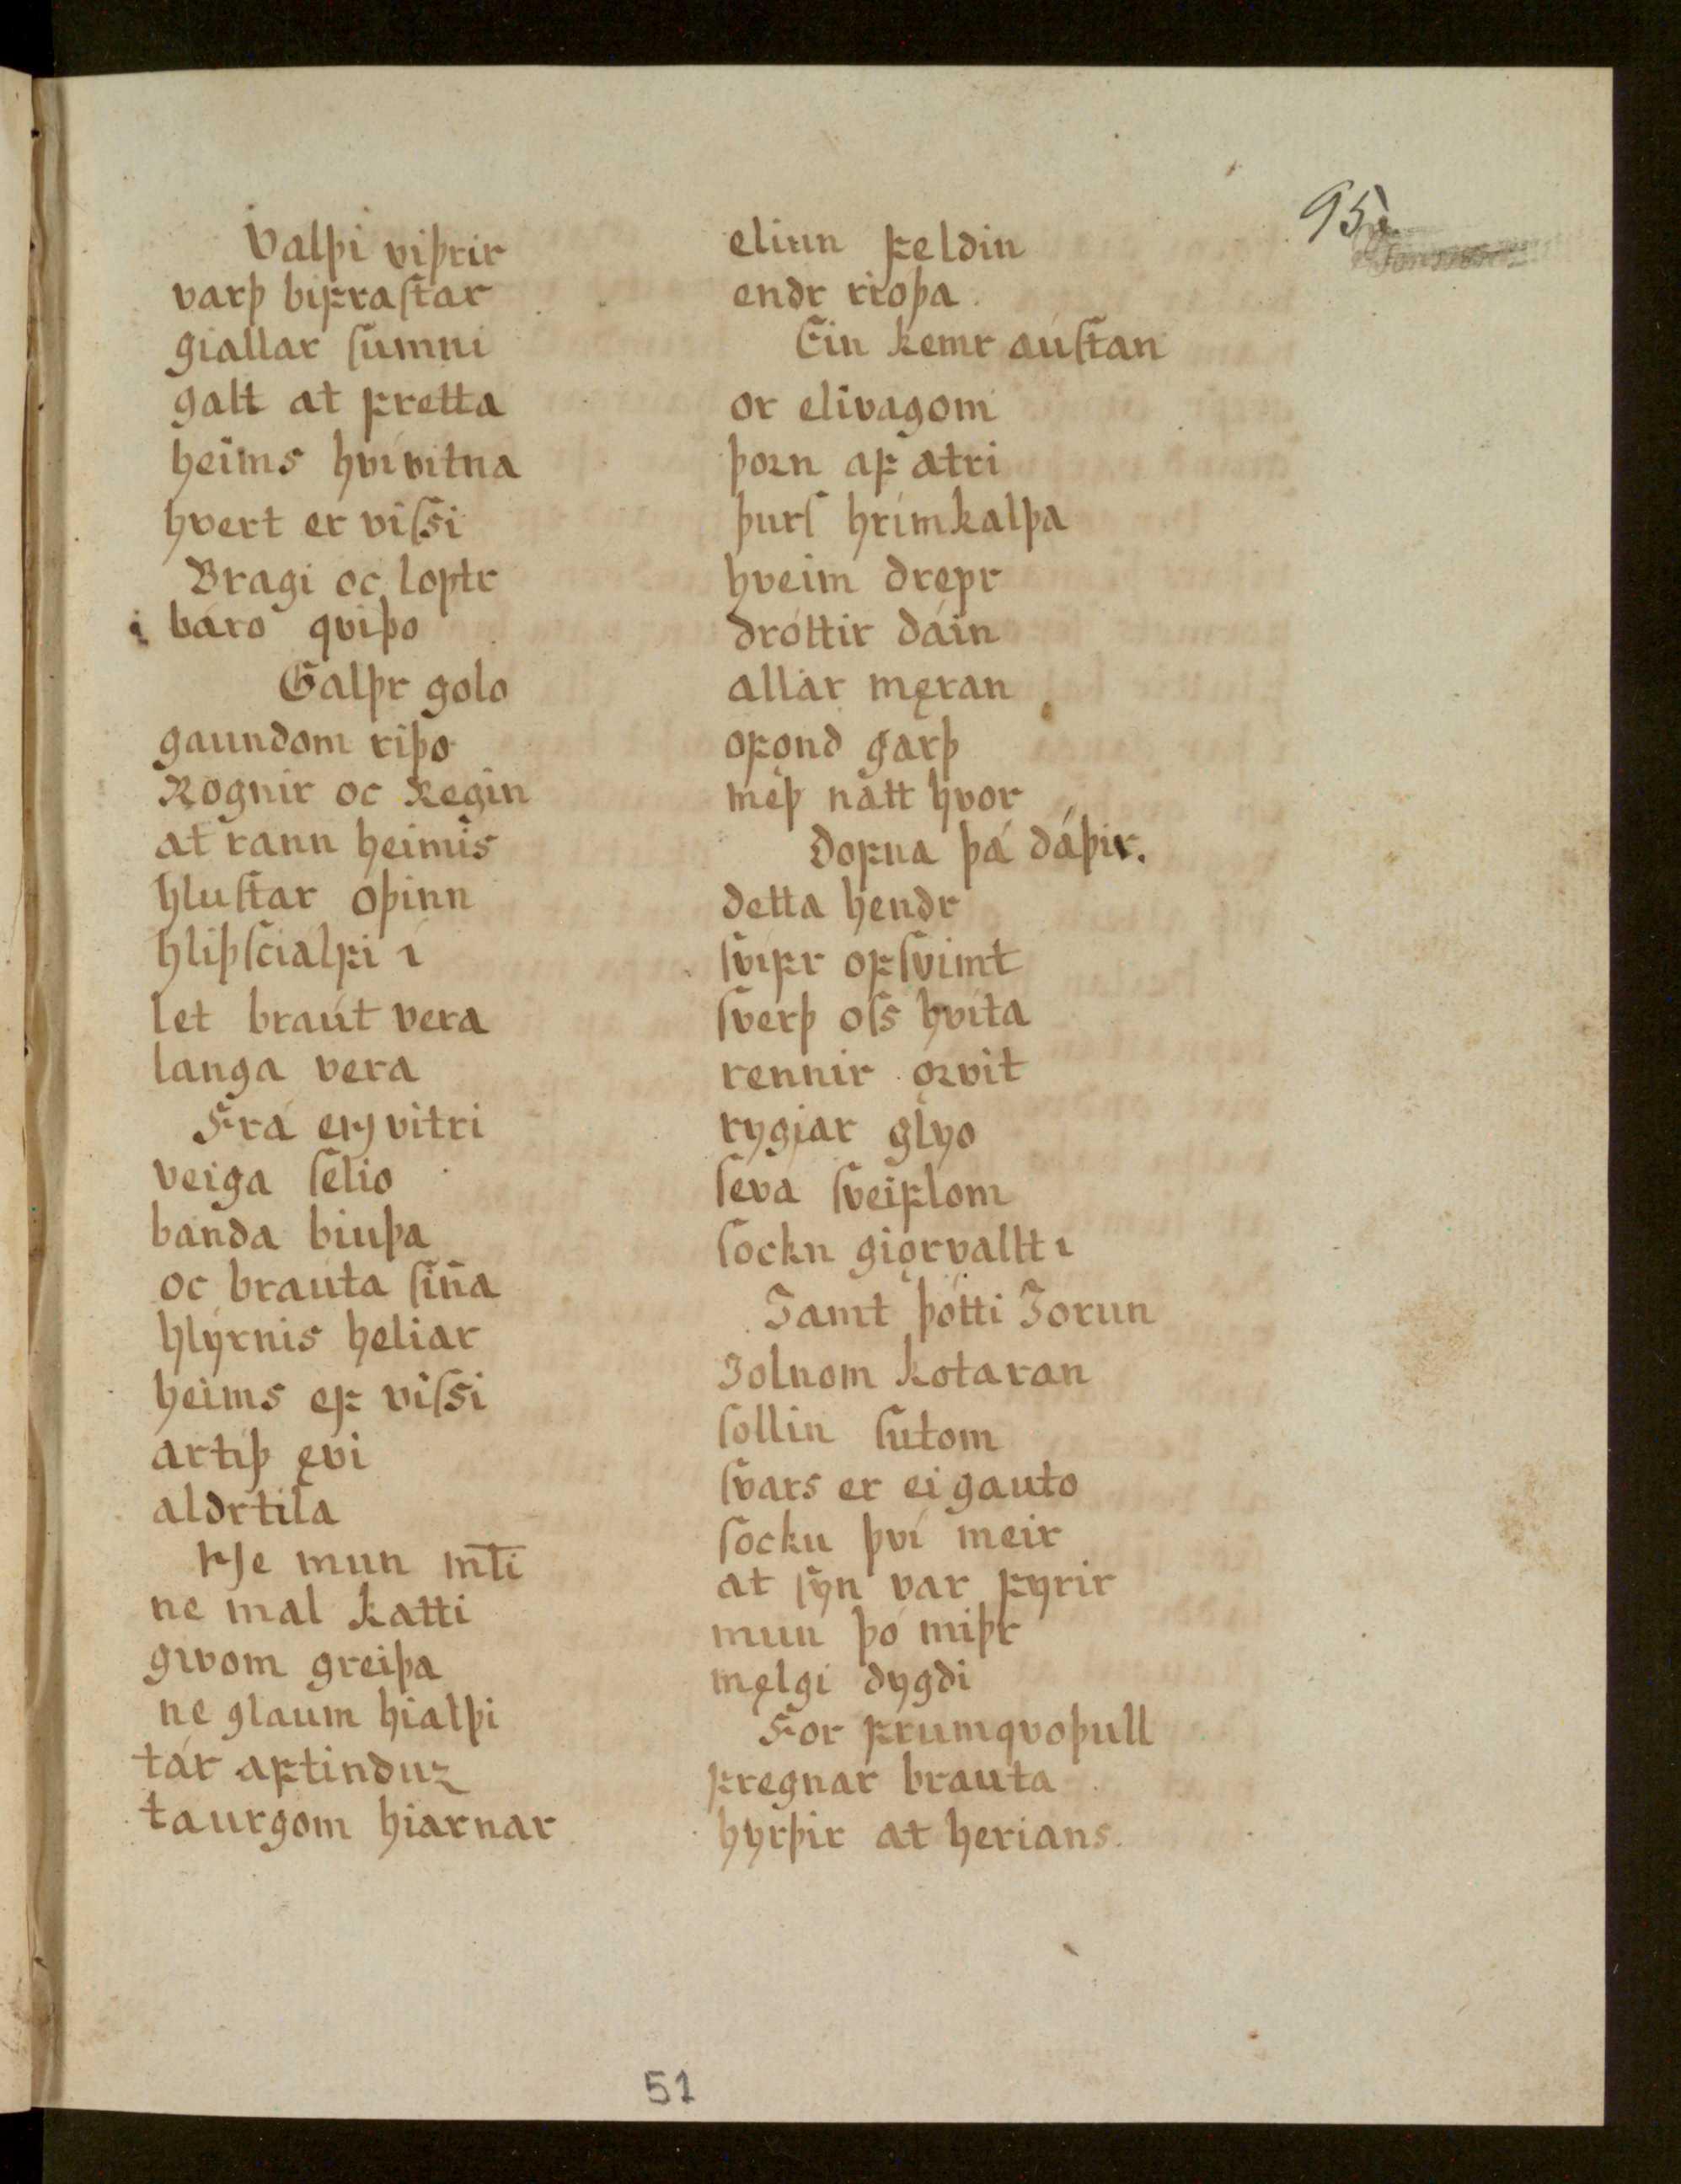 Lbs 1689 4° - 51r